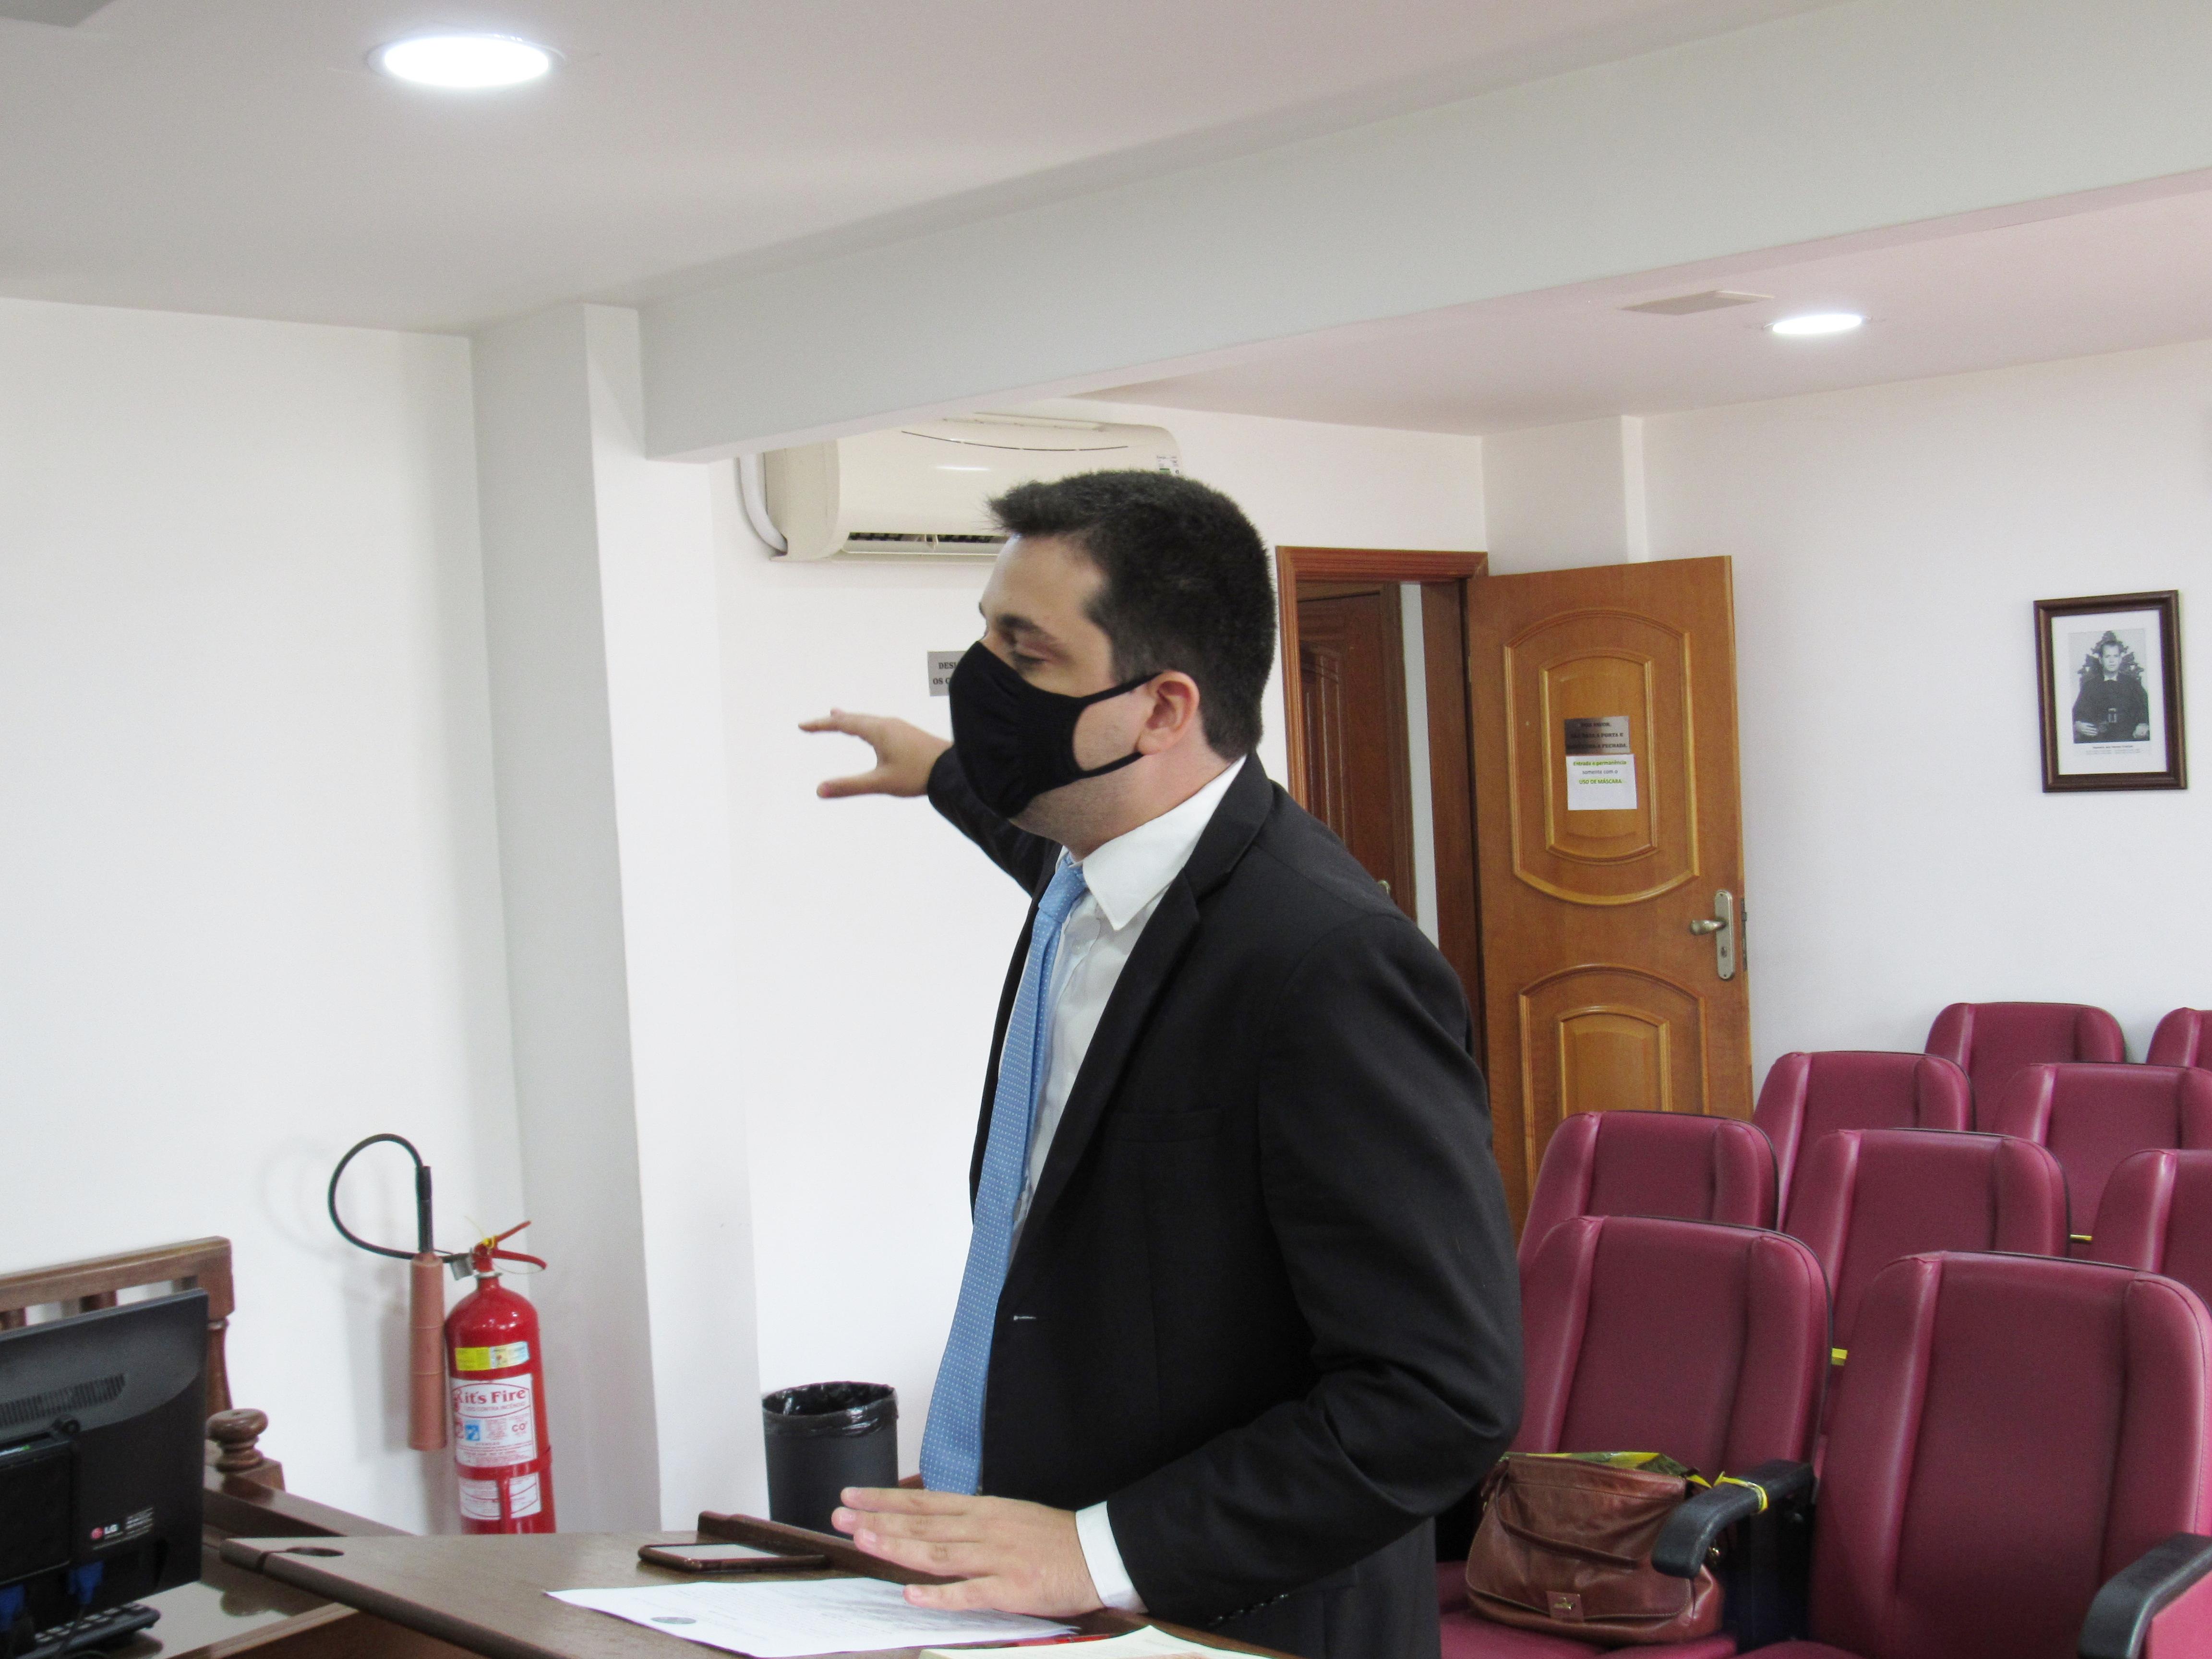 Artsul e Duque de Caxias têm atletas punidos por tumulto na Taça Corcovado